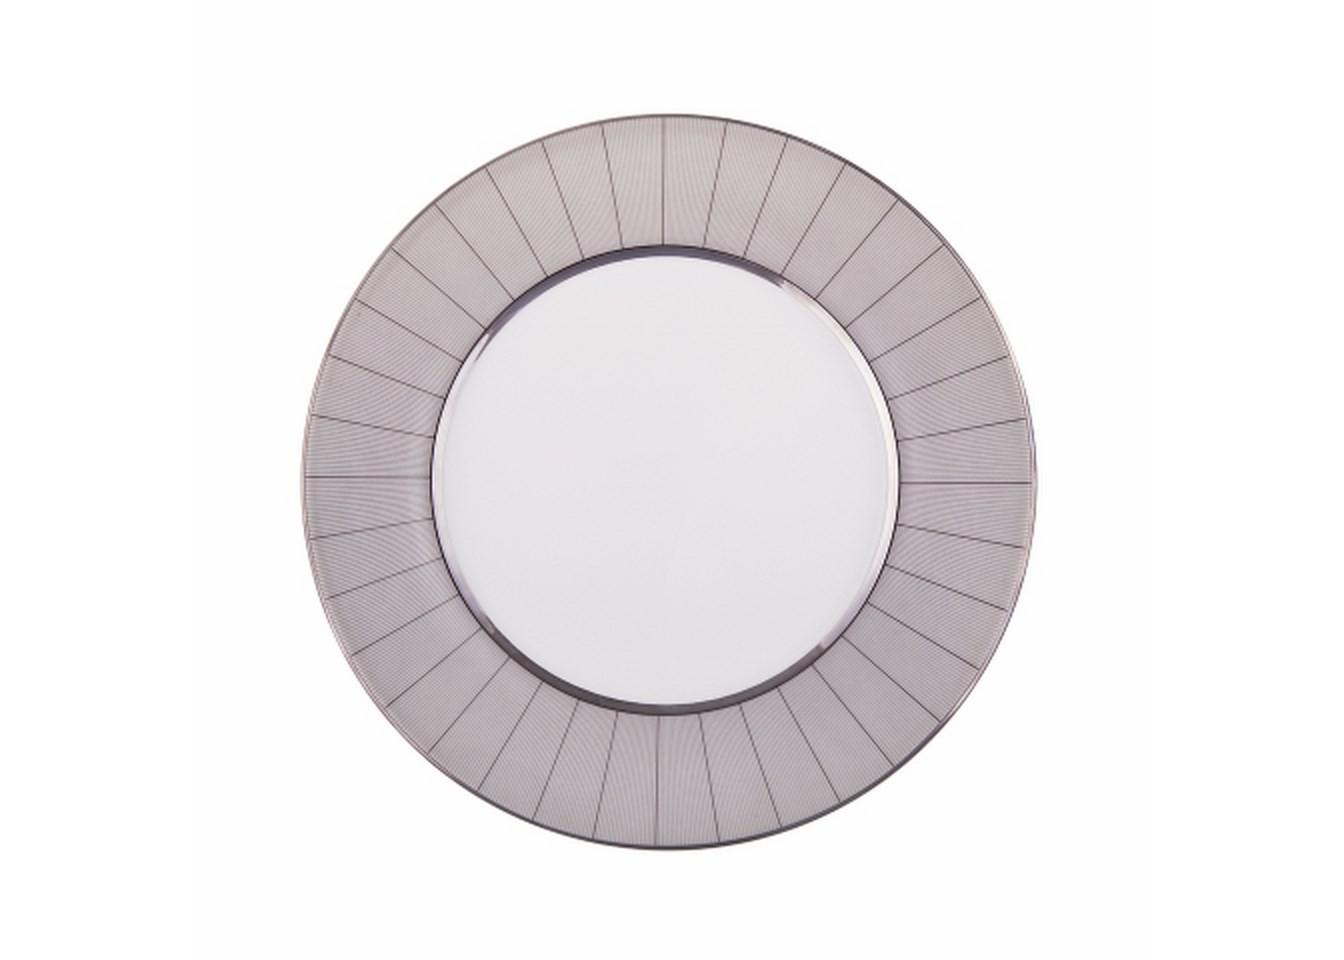 Тарелка десертнаяТарелки<br>MIKASA по праву считается одним из мировых лидеров по производству столовой посуды из фарфора и керамики. На протяжении более полувека категории качества и дизайна являются неотъемлемой частью бренда MIKASA. Сегодня MIKASA сотрудничает со многими известными дизайнерами, работающими для лучших фабрик мира, и использует самые передовые технологии в производстве посуды.<br><br>Material: Фарфор<br>Diameter см: 21